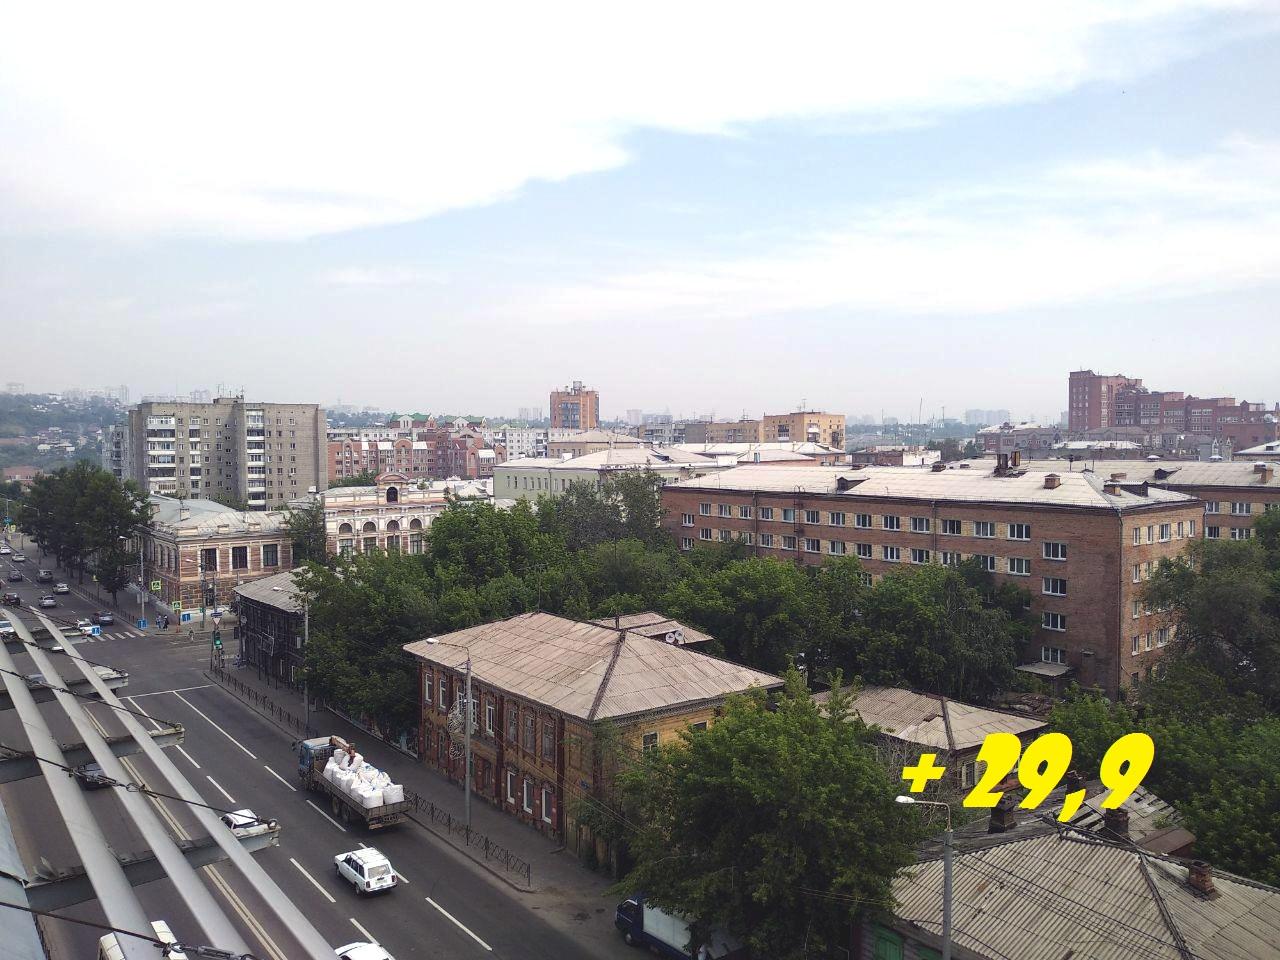 Вот так выглядит небо над центром города. Температура достигла 29,9 и начинает падать.